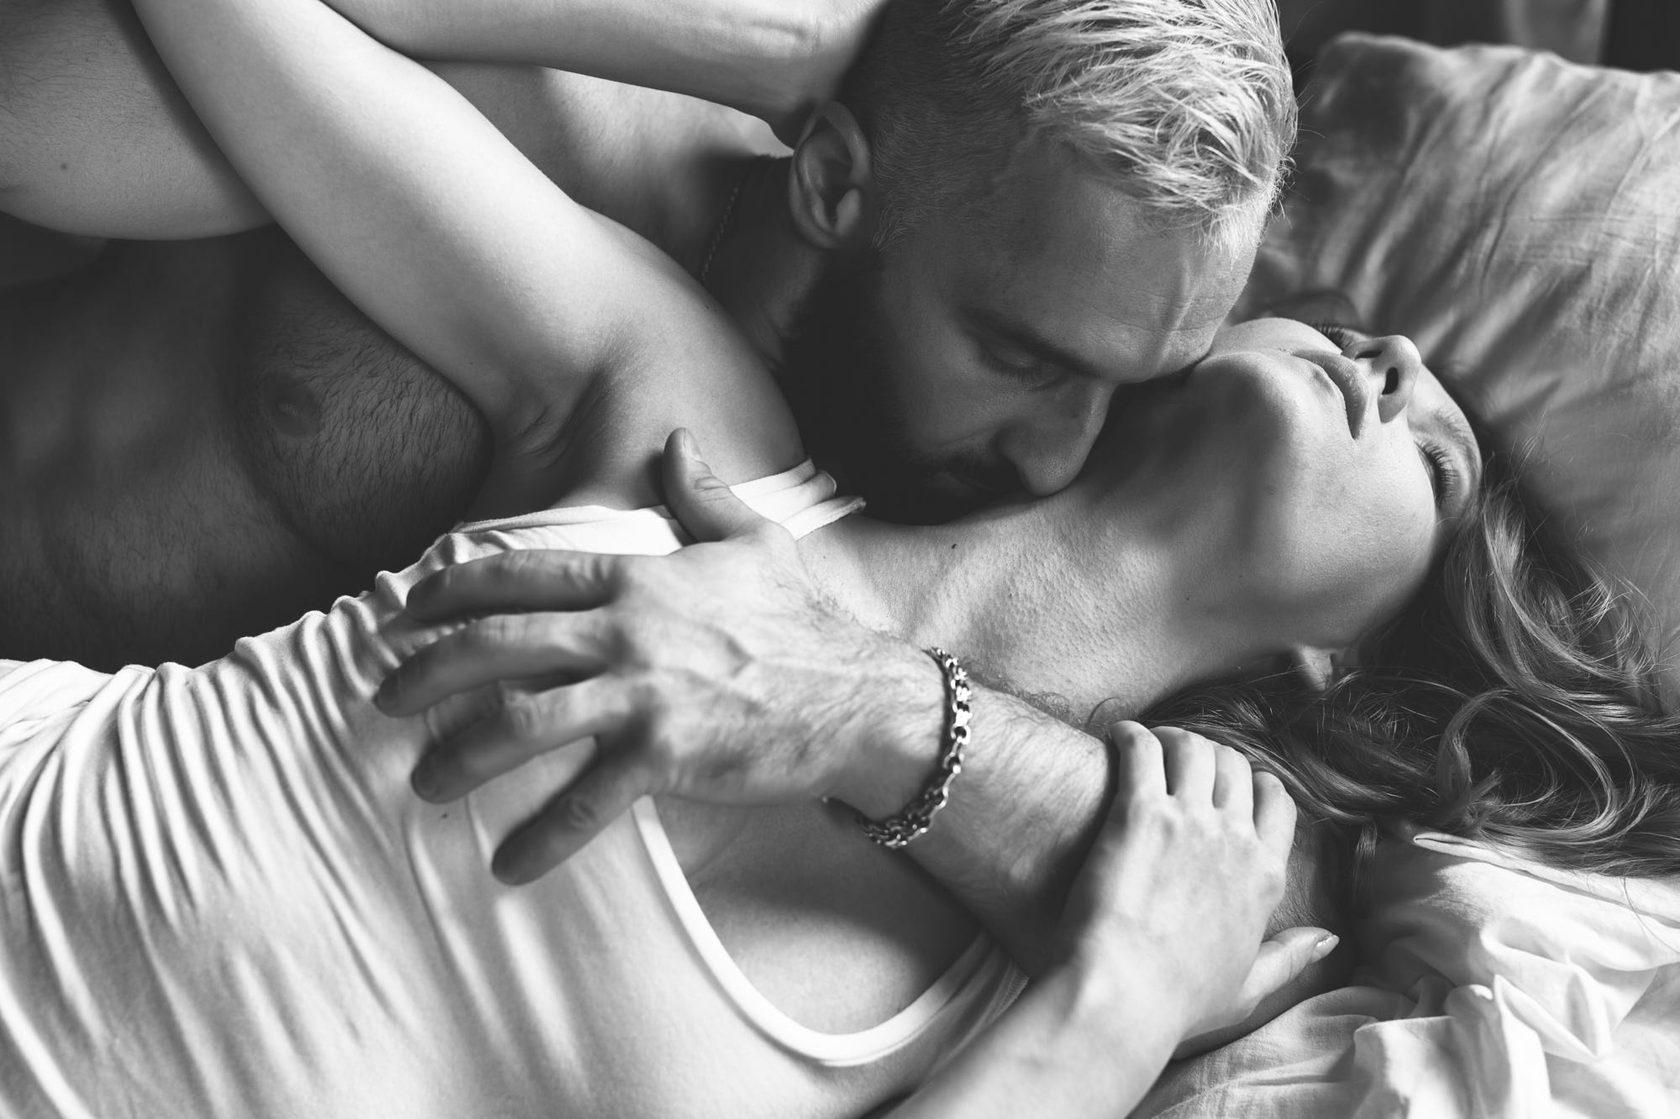 Смотреть фото как нужно хорошо ласкать женскую грудь, русская порнуха про лесбиянок трахаются со страпоном